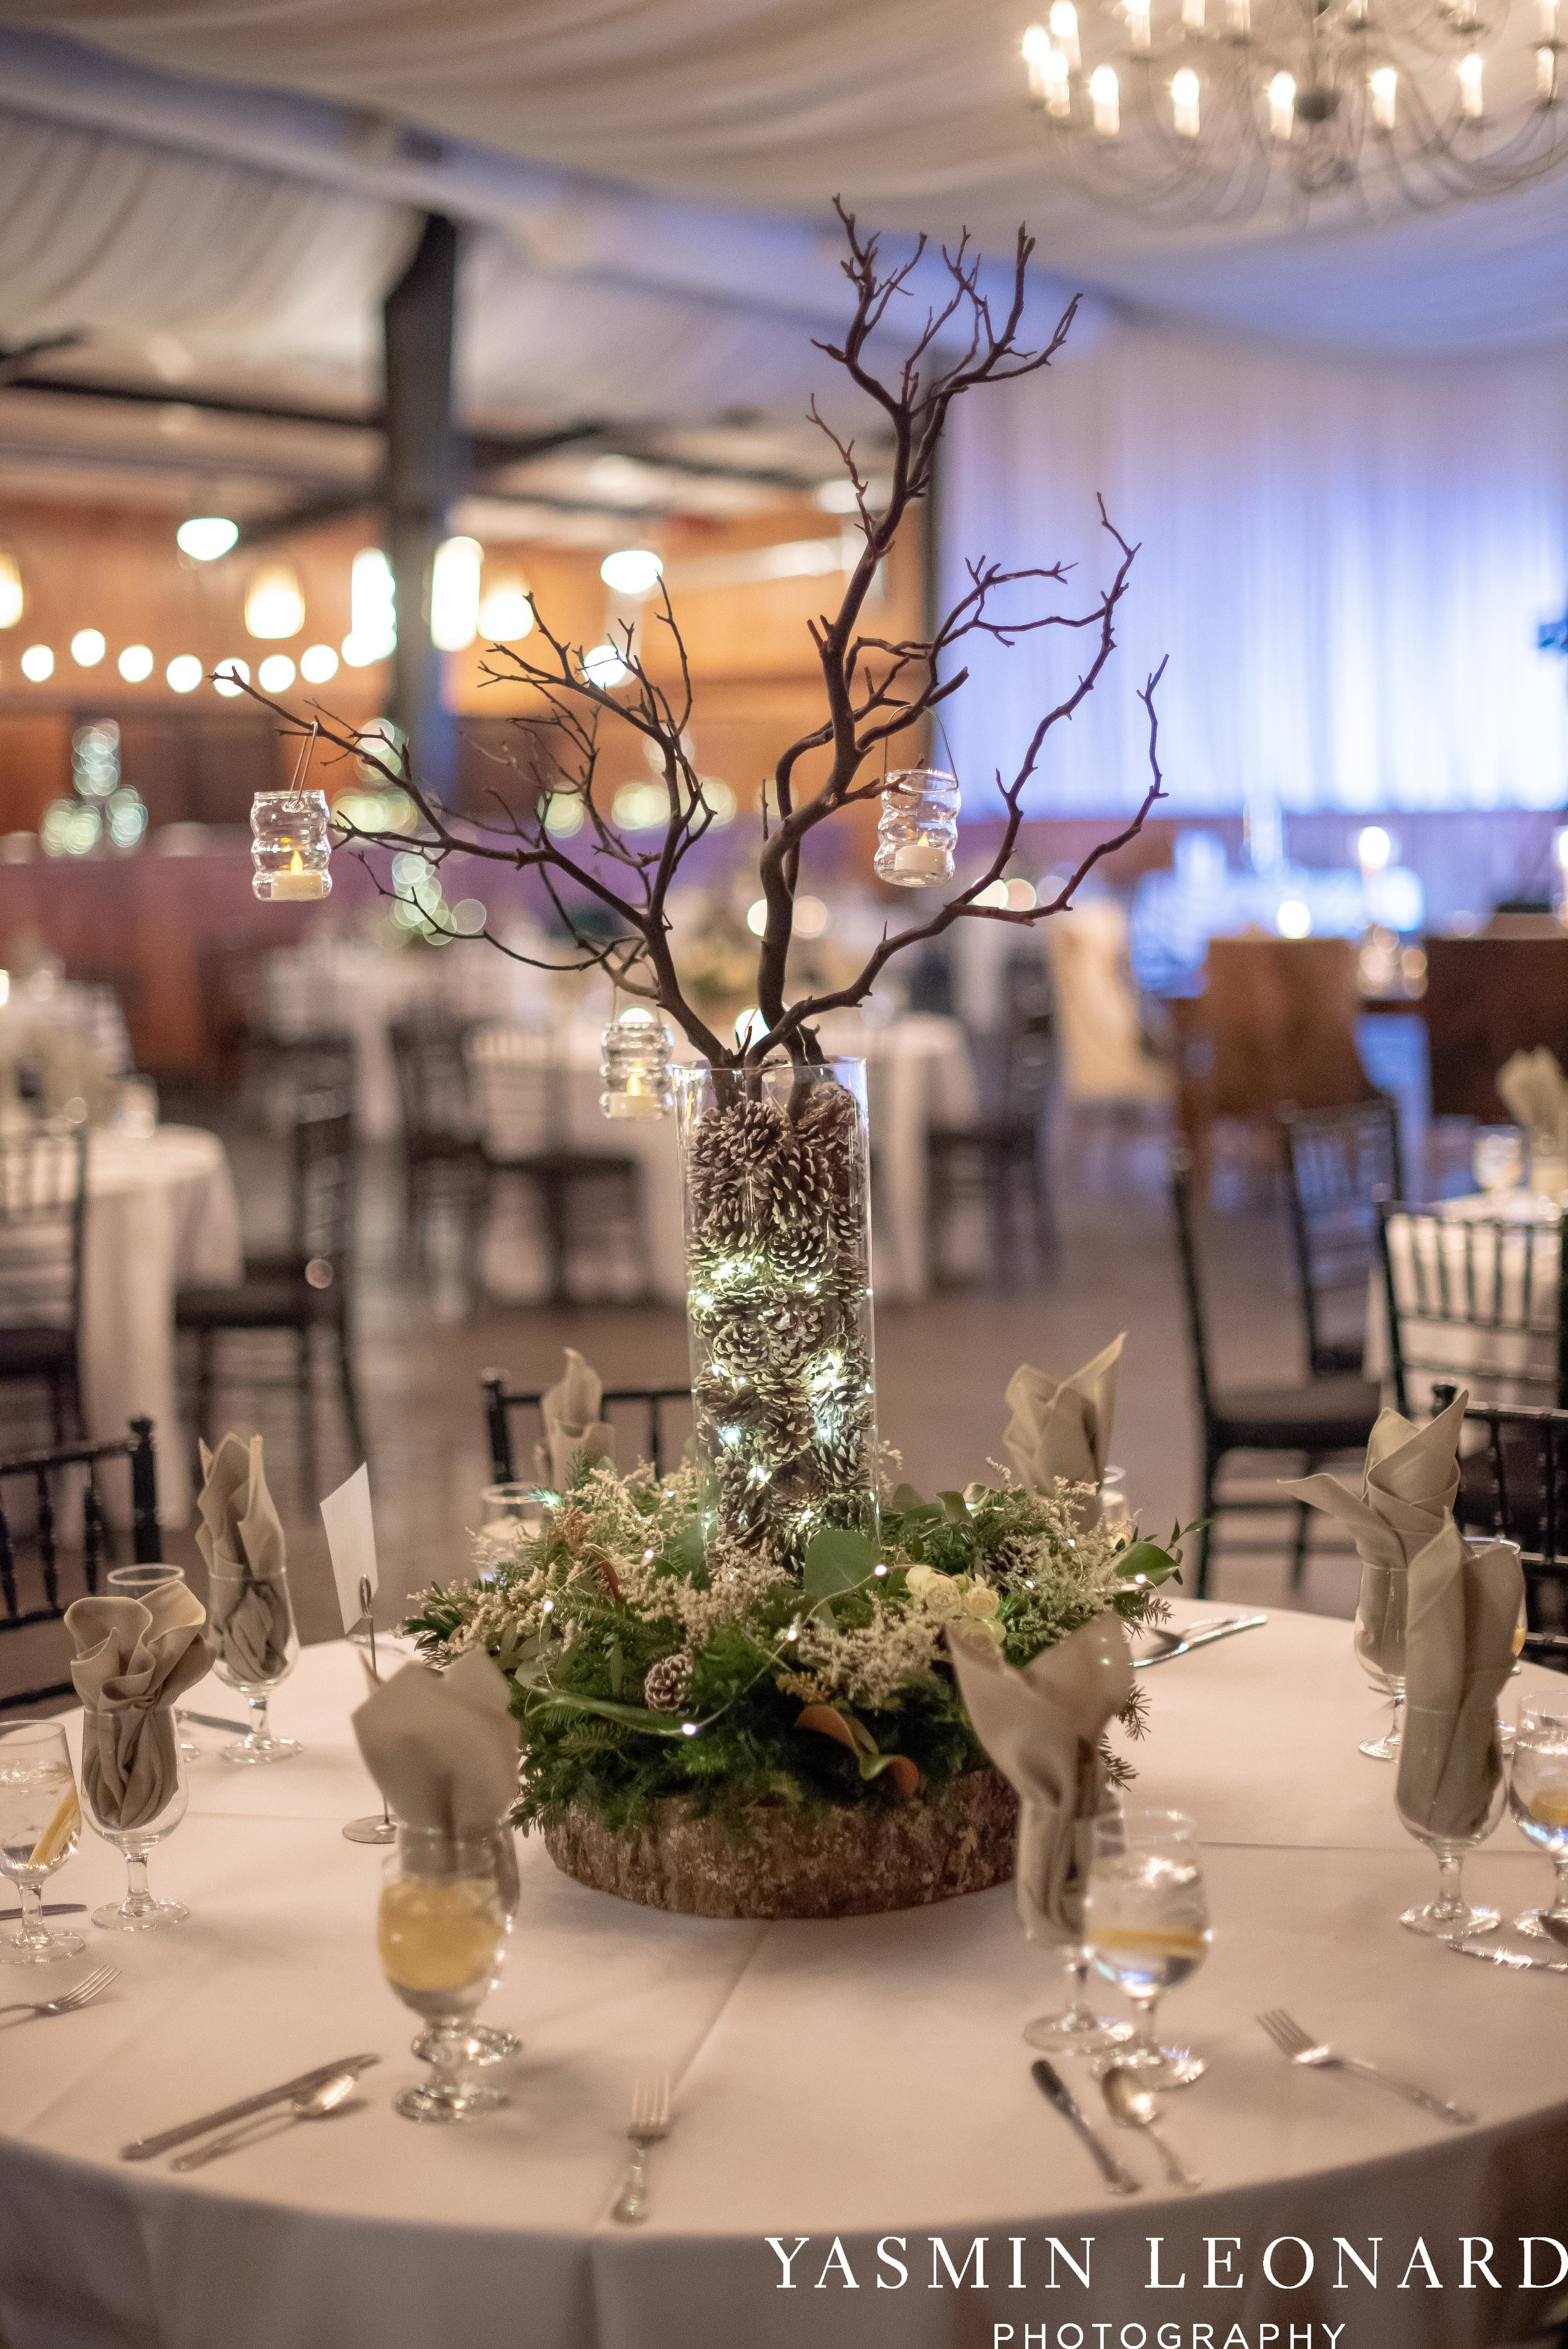 Adaumont Farm - Wesley Memorial Weddings - High Point Weddings - Just Priceless - NC Wedding Photographer - Yasmin Leonard Photography - High Point Wedding Vendors-54.jpg